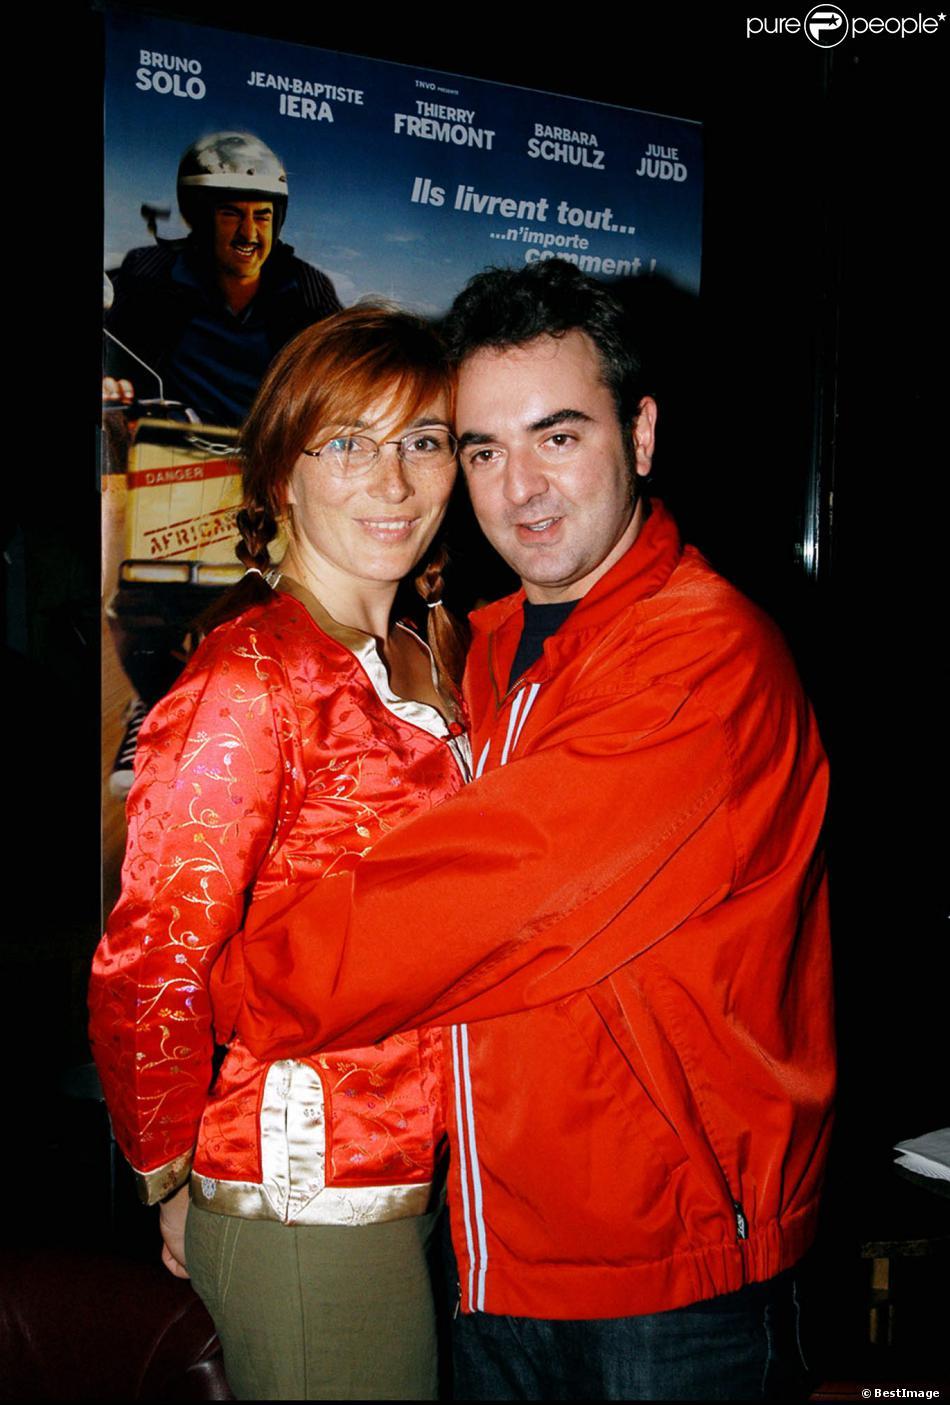 bruno solo et sa femme v ronique dans le club l 39 etoile en 2003. Black Bedroom Furniture Sets. Home Design Ideas